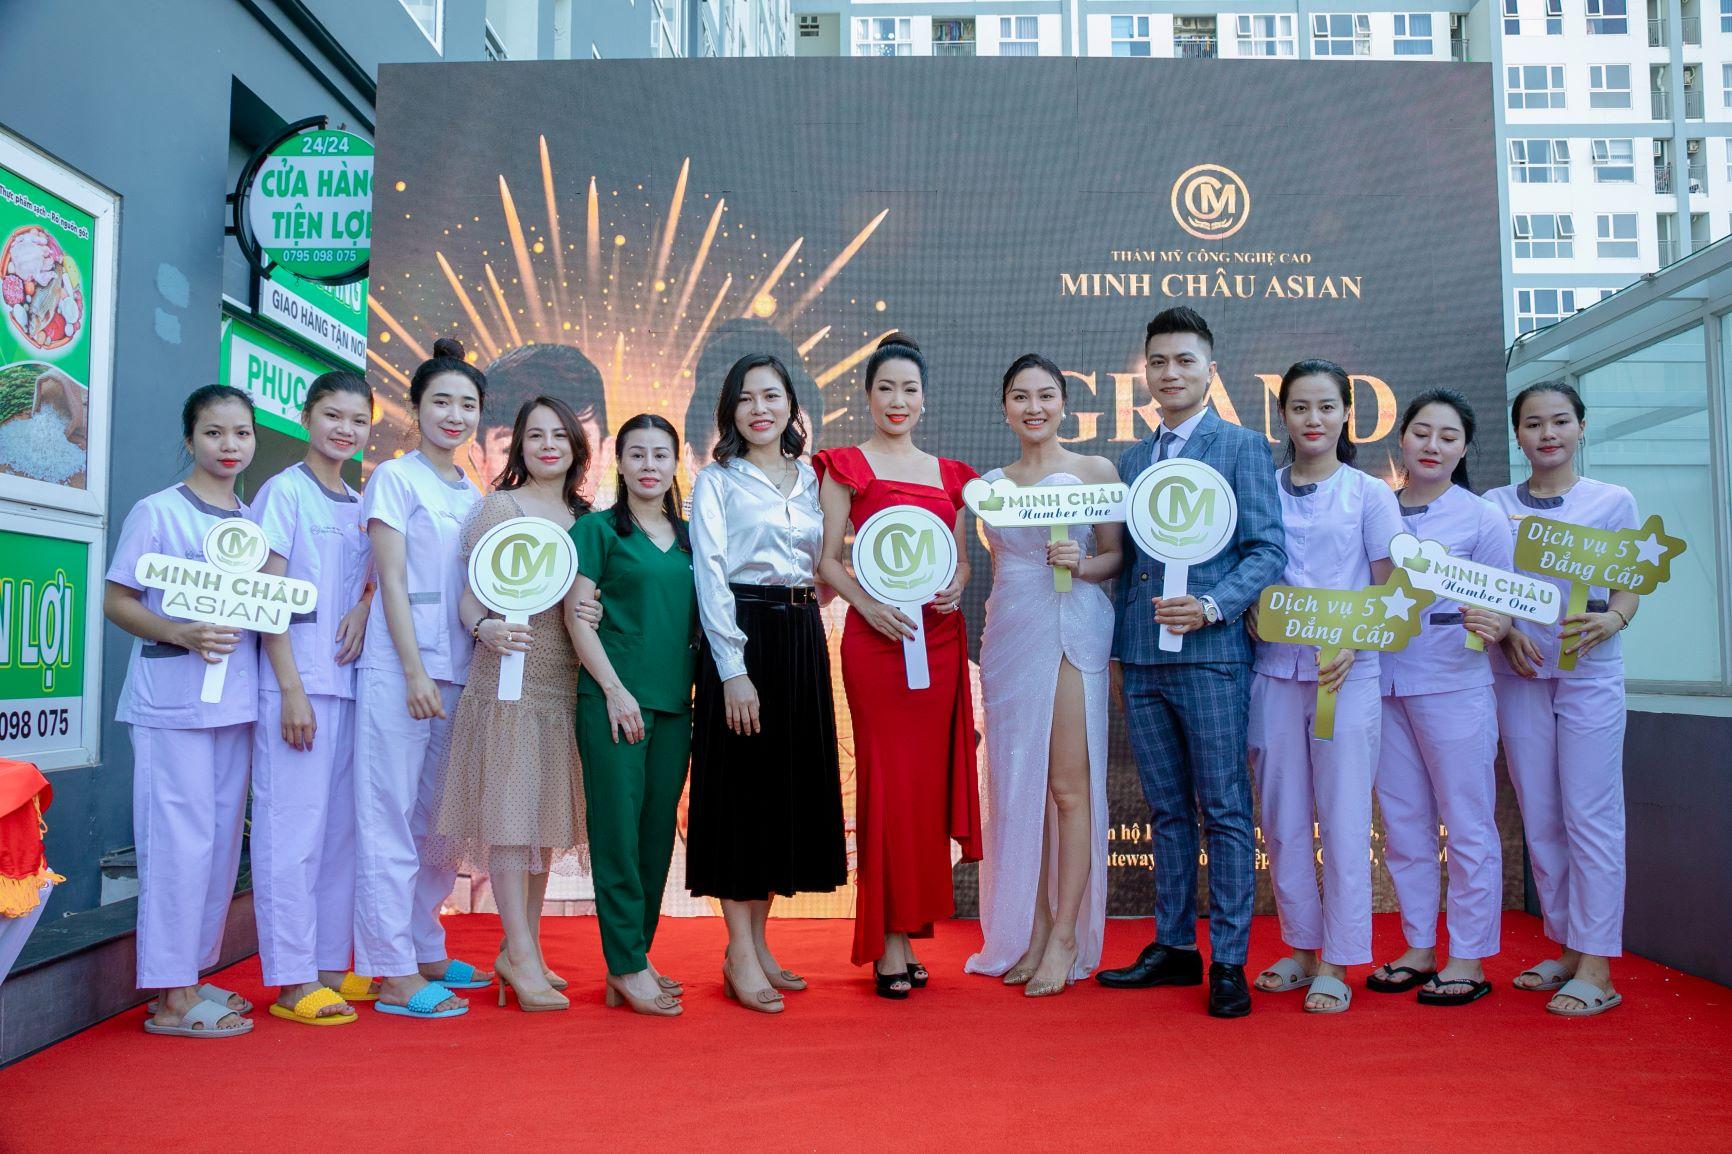 Lark phát hành miễn phí nền tảng tích hợp kỹ thuật số thế hệ mới tại Việt Nam 11